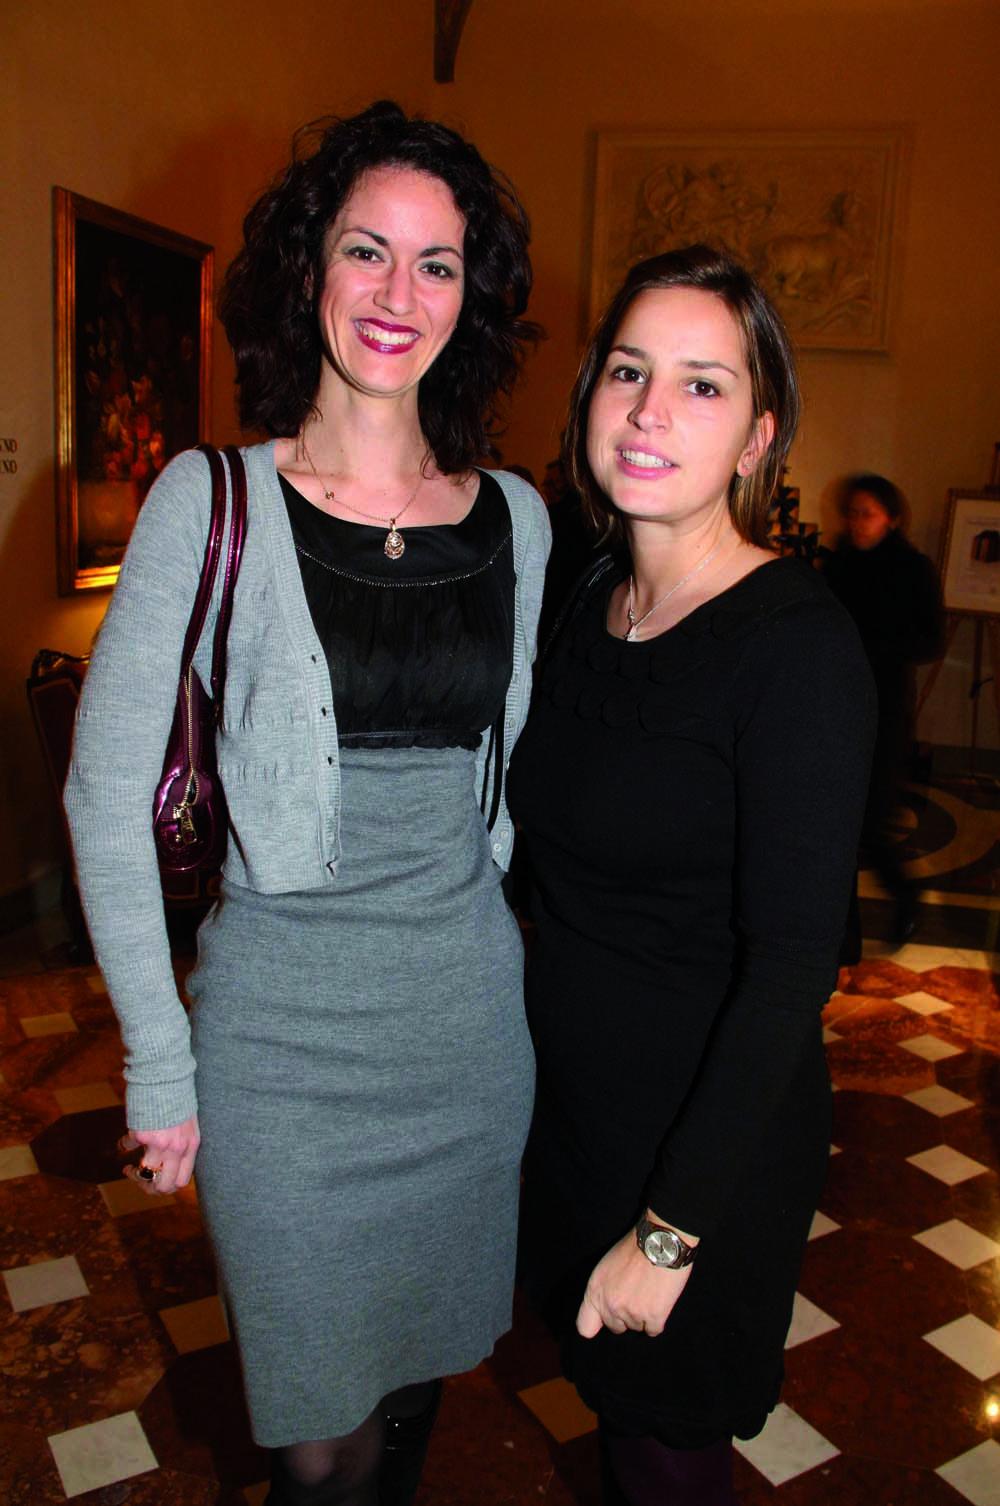 PressphotoFirenze -Hotel Four Season- Serata Piccini  nella foto: Gaia Spaziani, Romanelli Lerizia